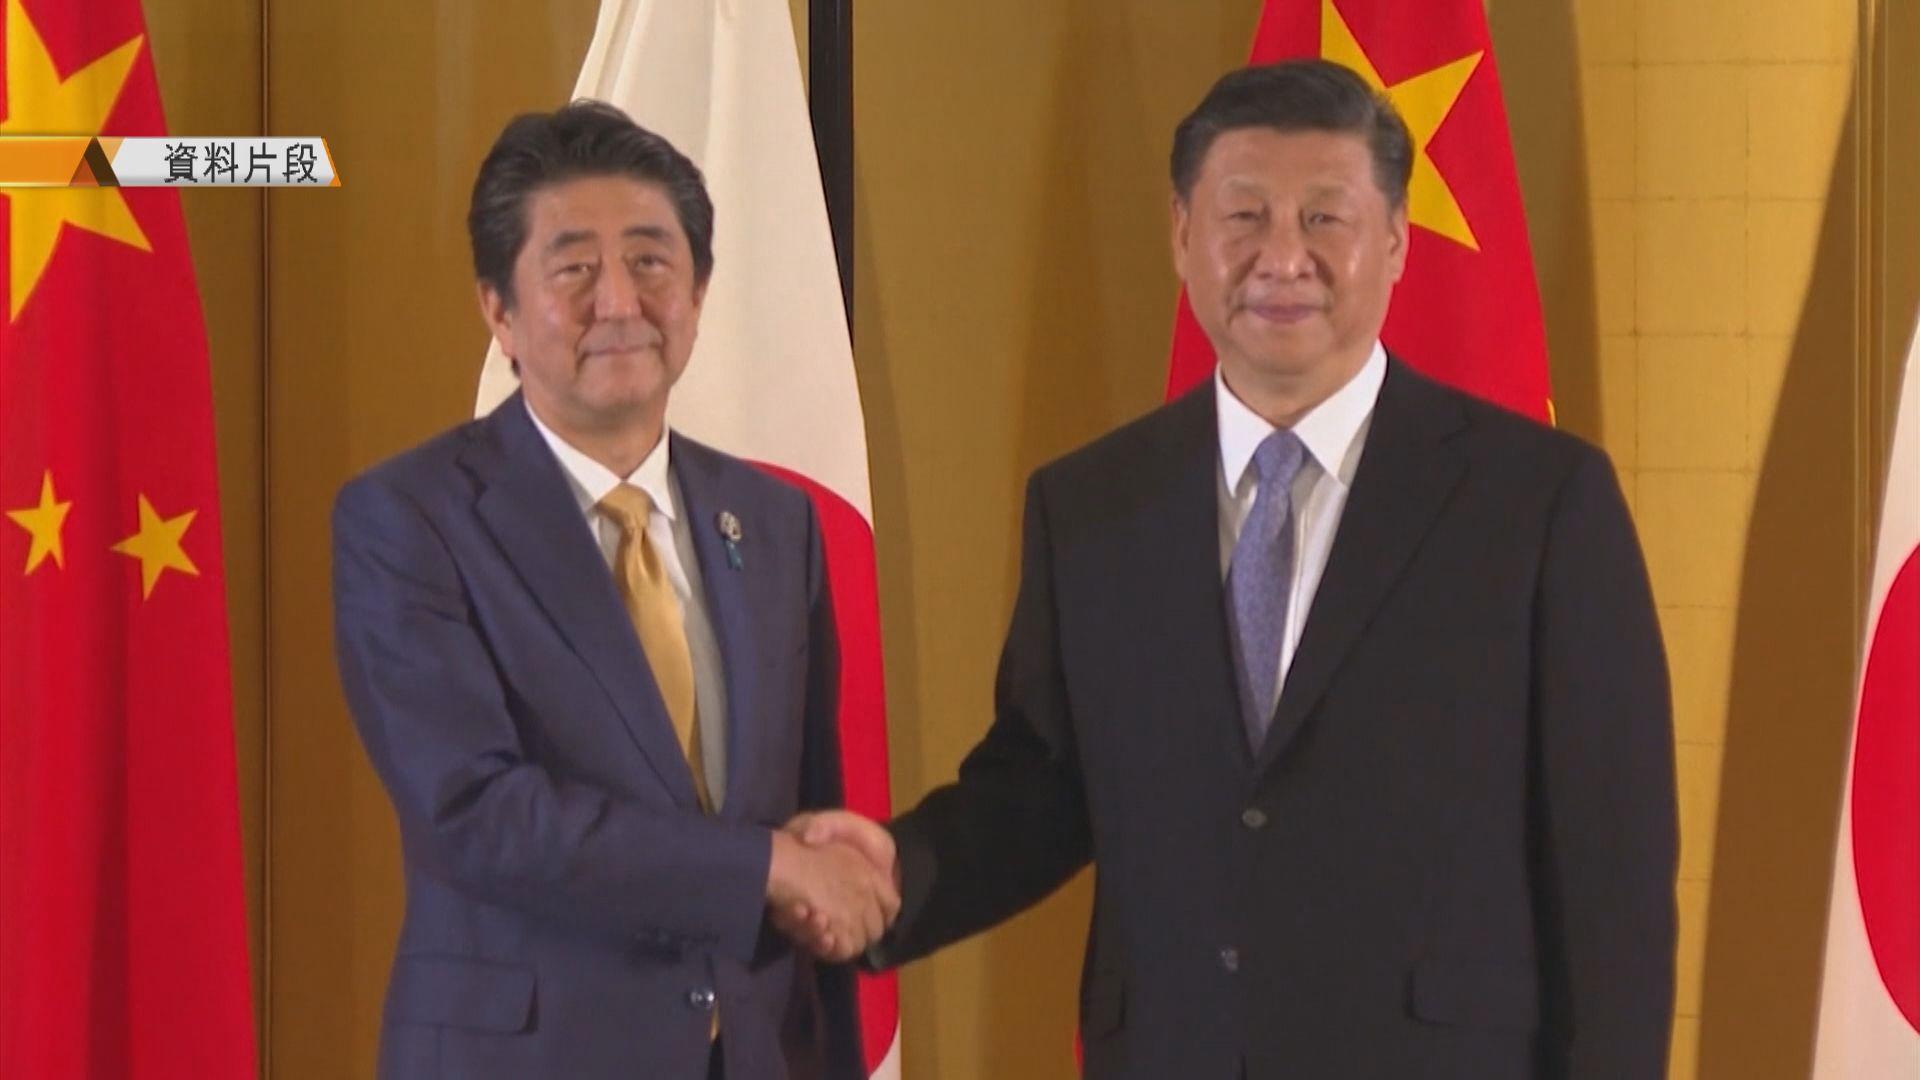 王岐山稱習近平訪日對兩國關係意義重大